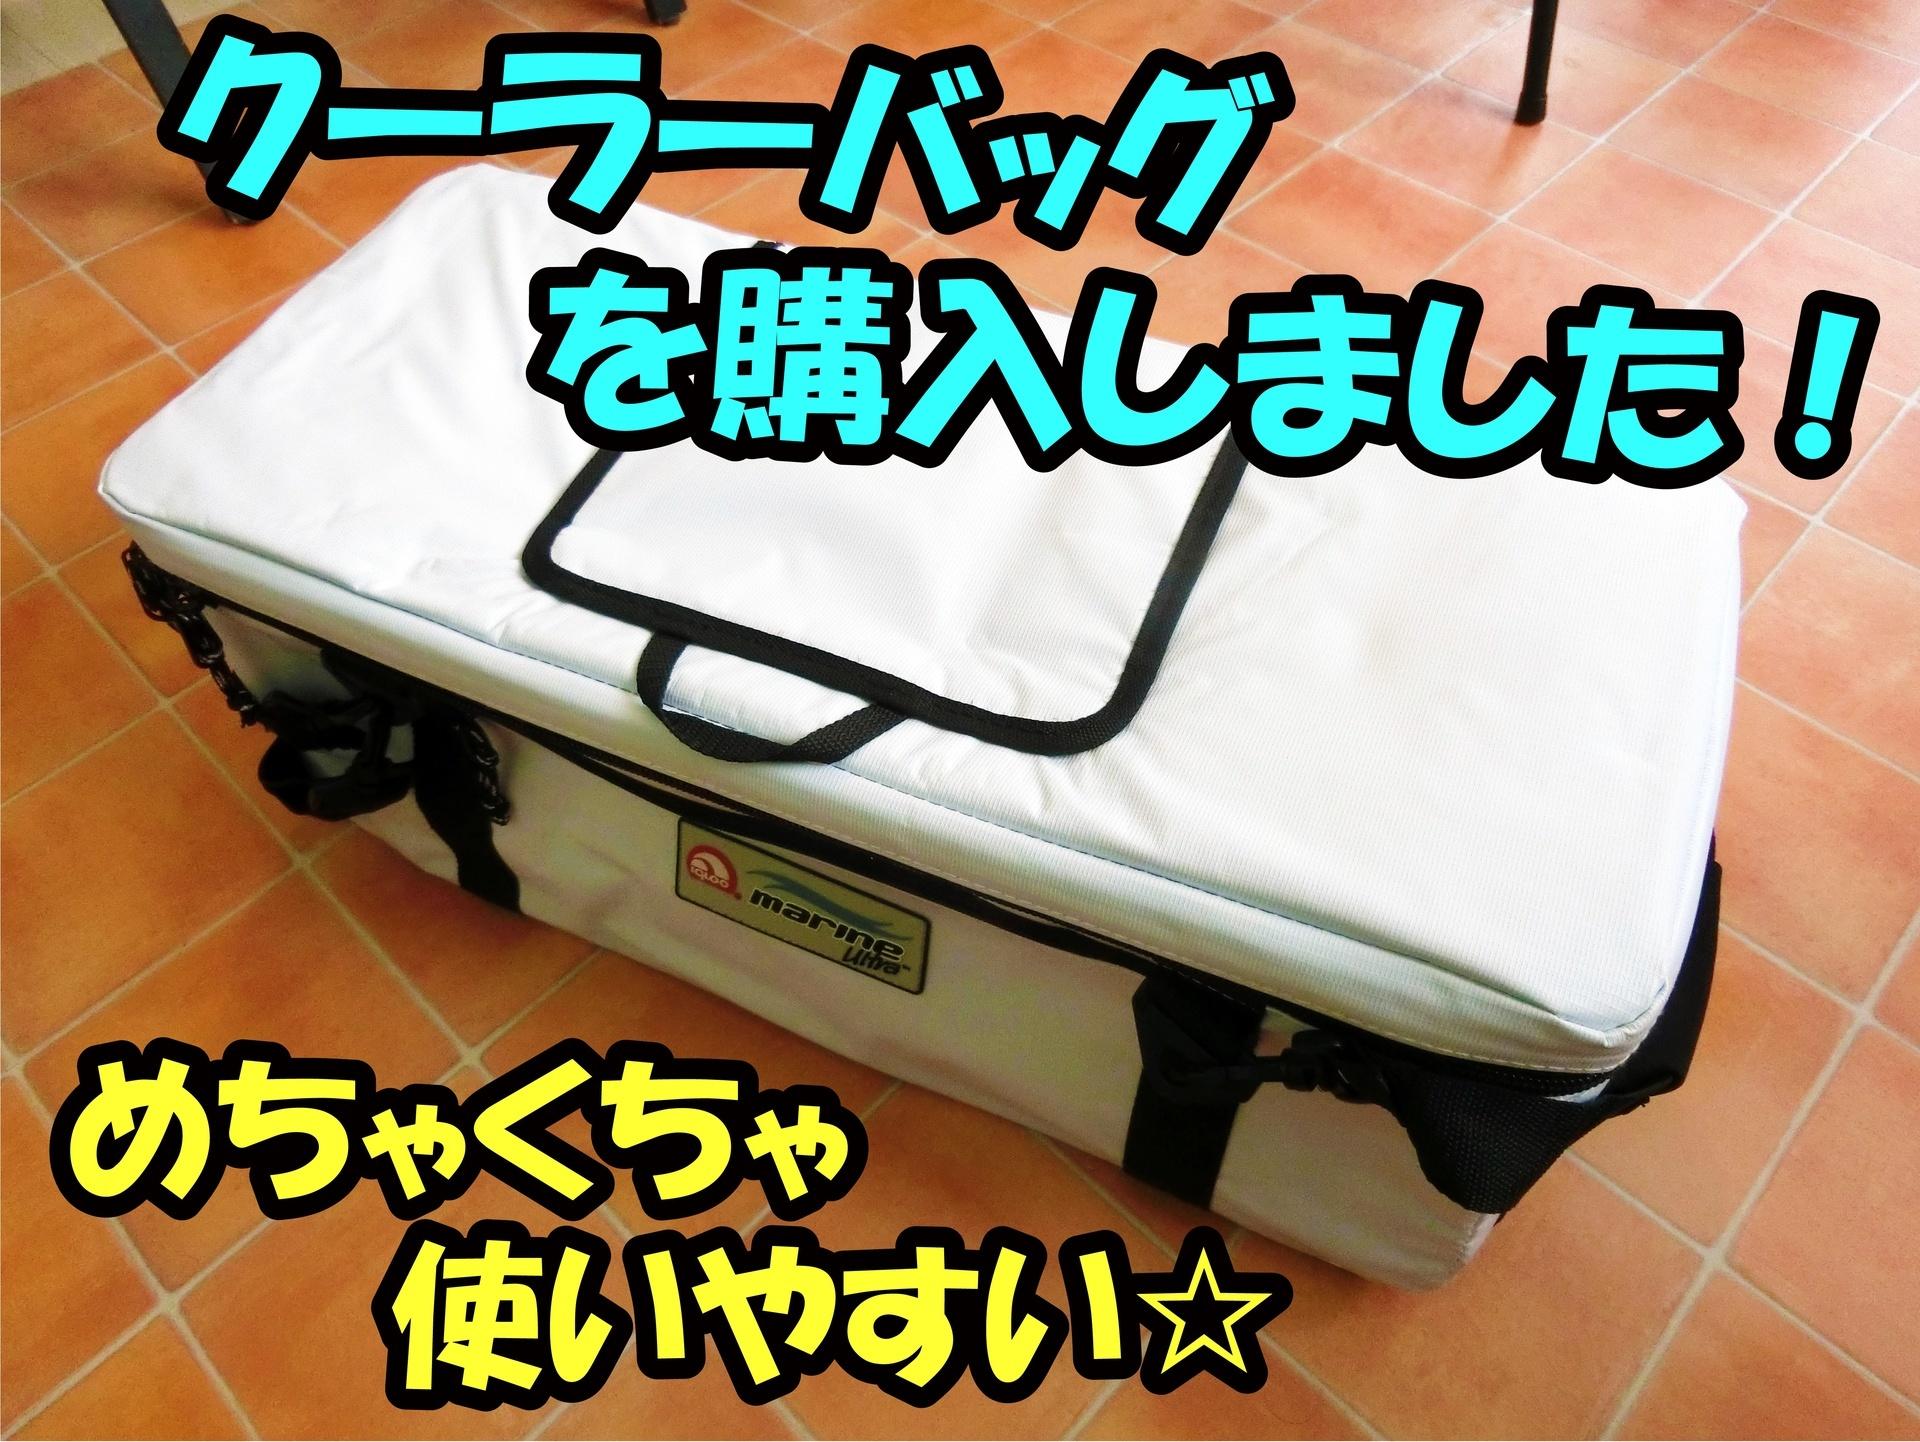 CIMG2595☆.jpg